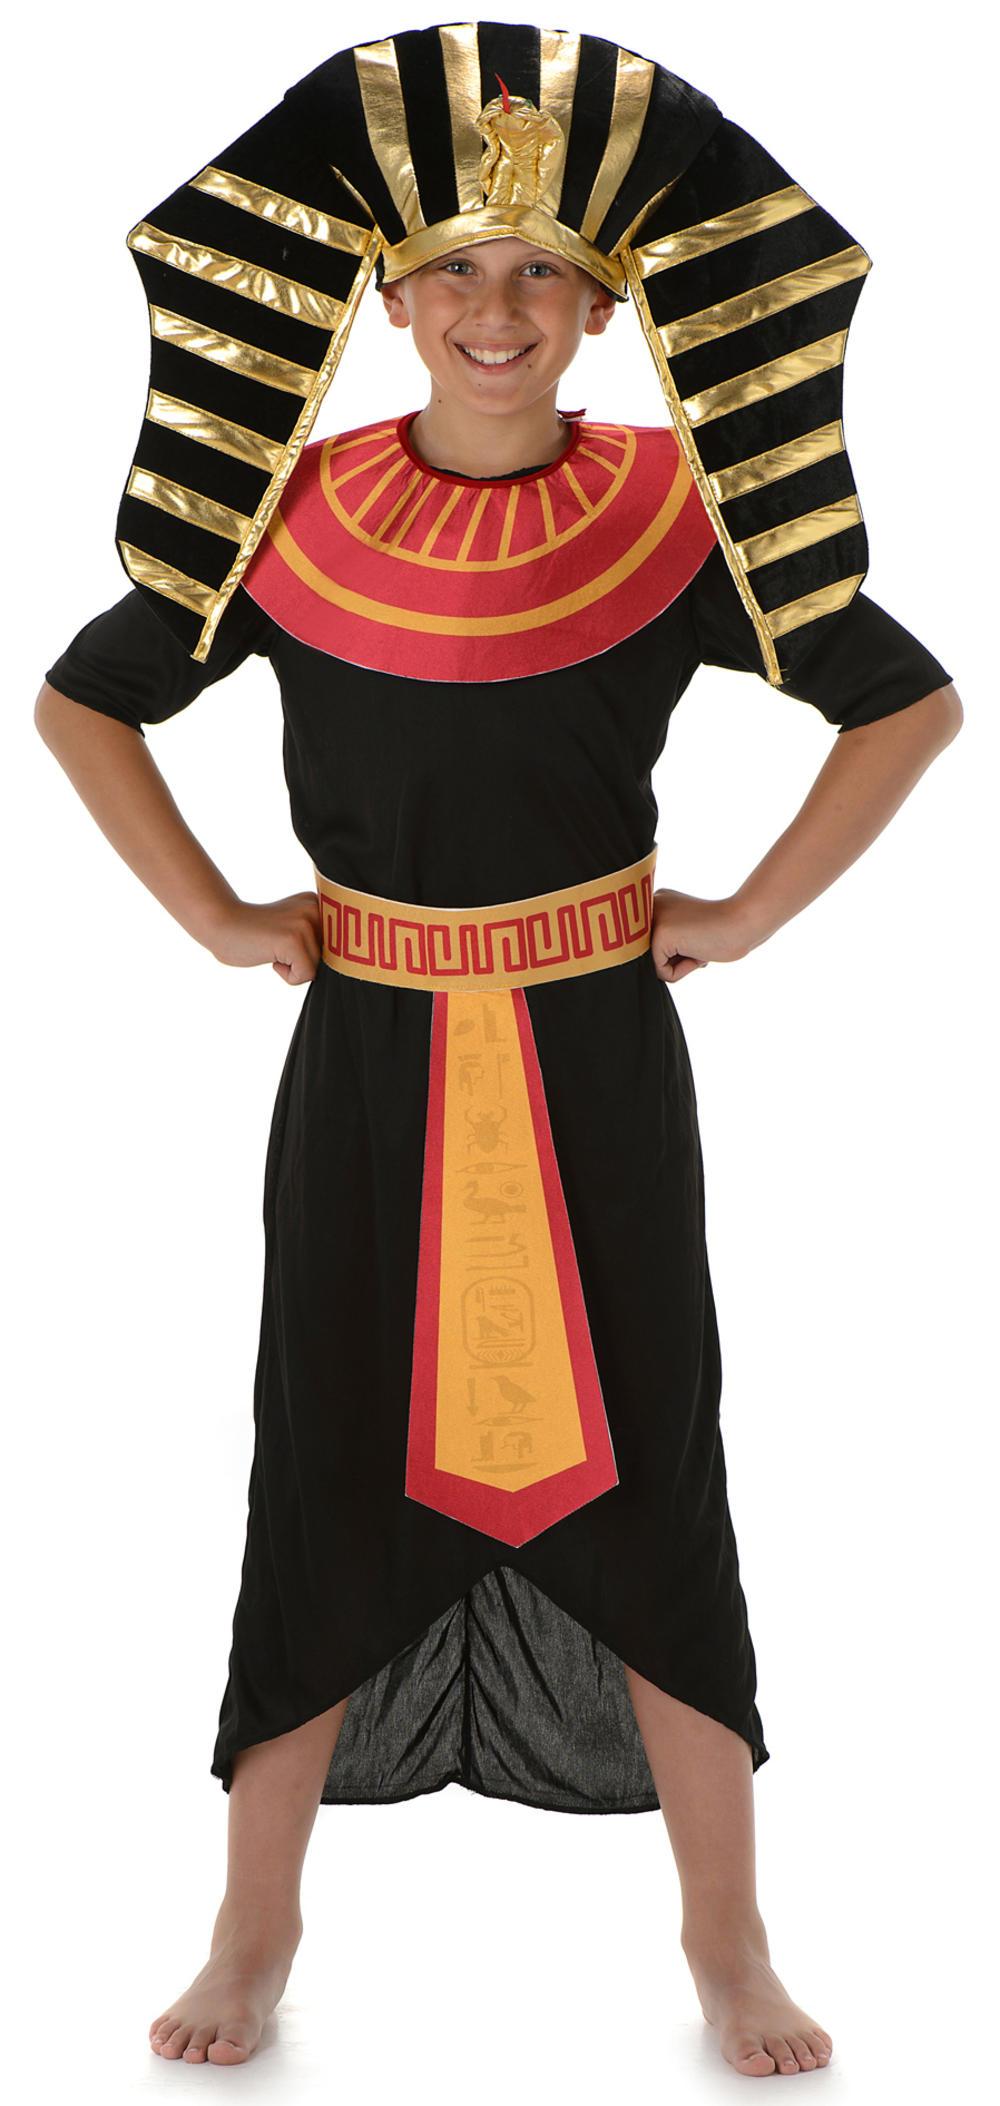 Egyptian Pharaoh Boys Fancy Dress Ancient Egypt King Kids Historical Costume New